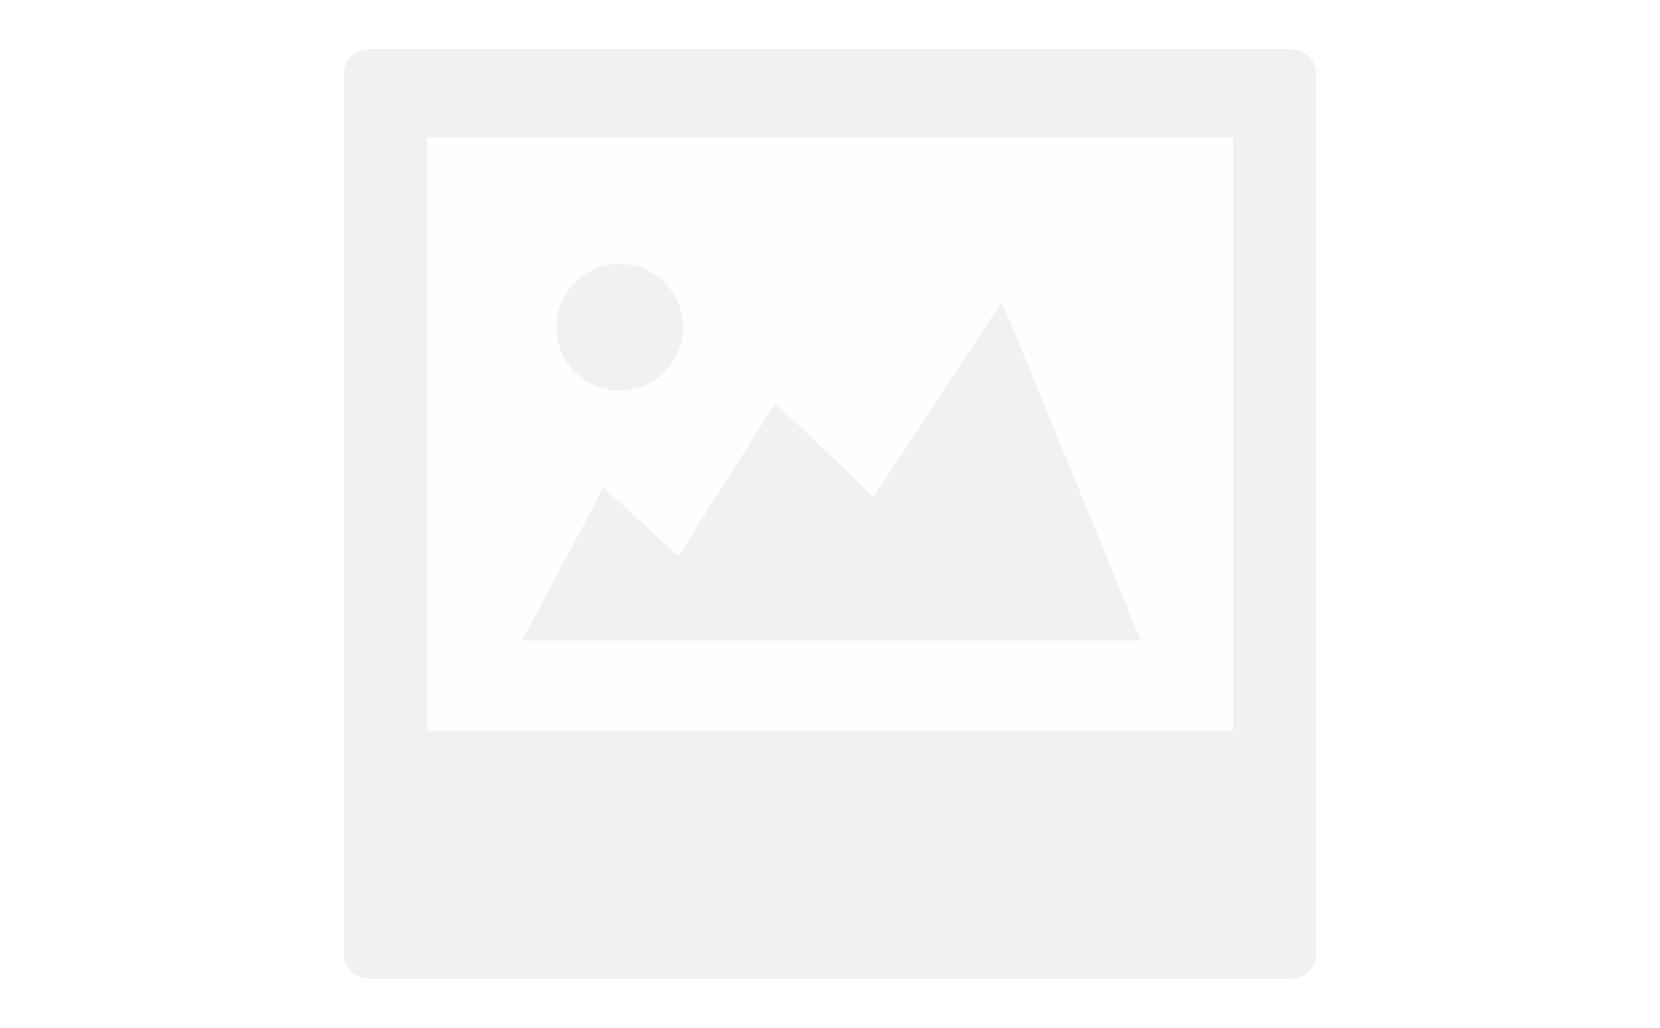 KARPEG